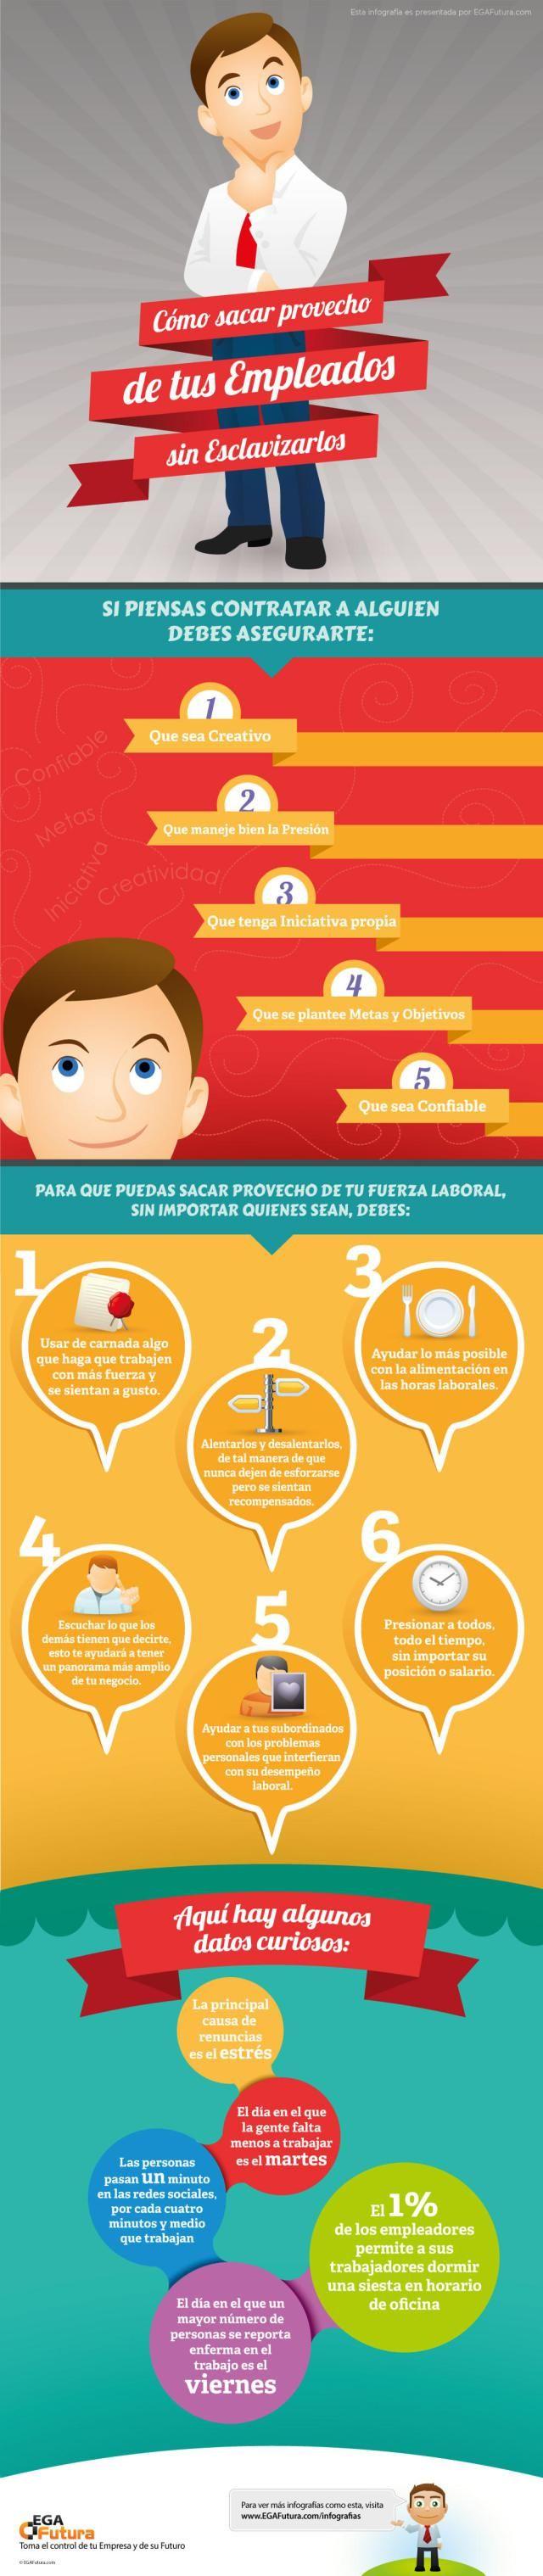 Cómo sacar provecho de tus empleados (sin esclavizarlos) #infografia #infographic #rrhh